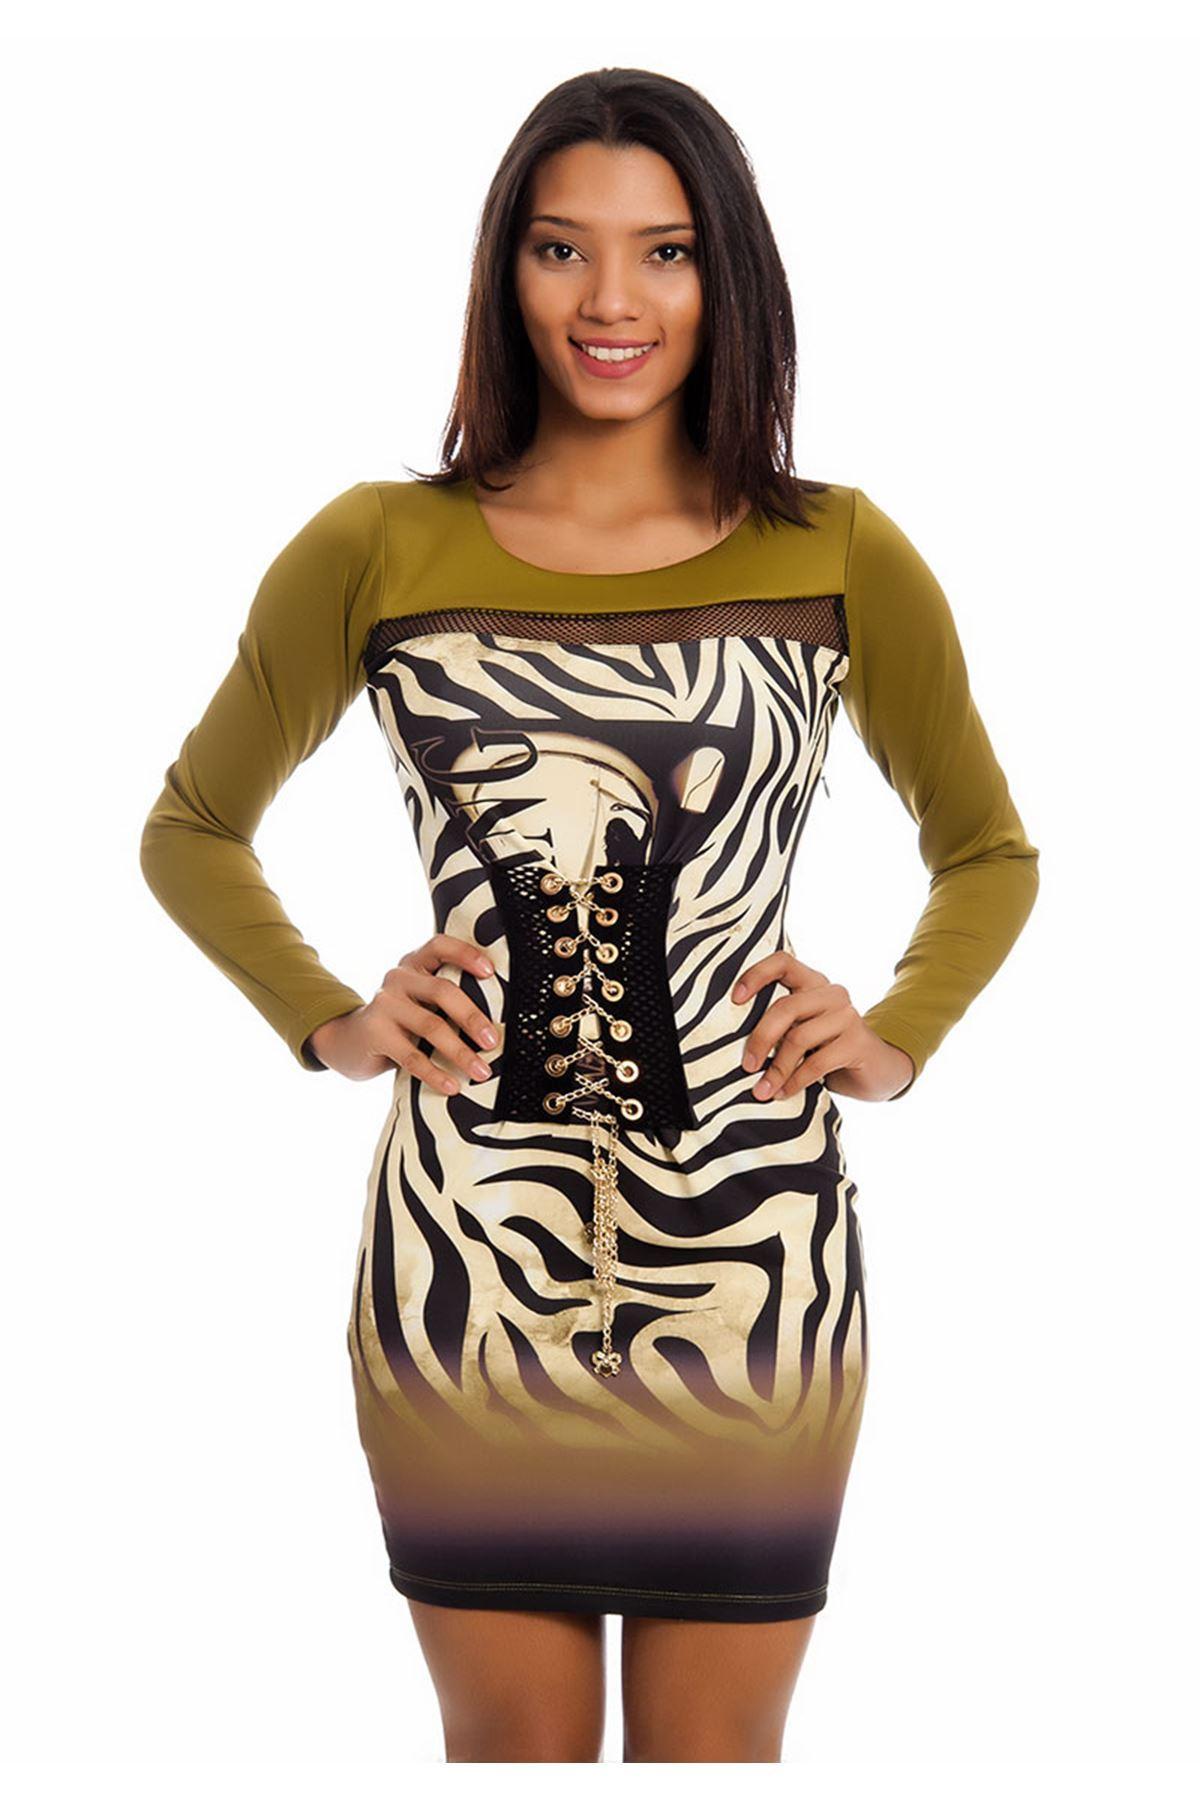 Fıstık Yeşili Zincir Detaylı Kadın Elbise H7-125790